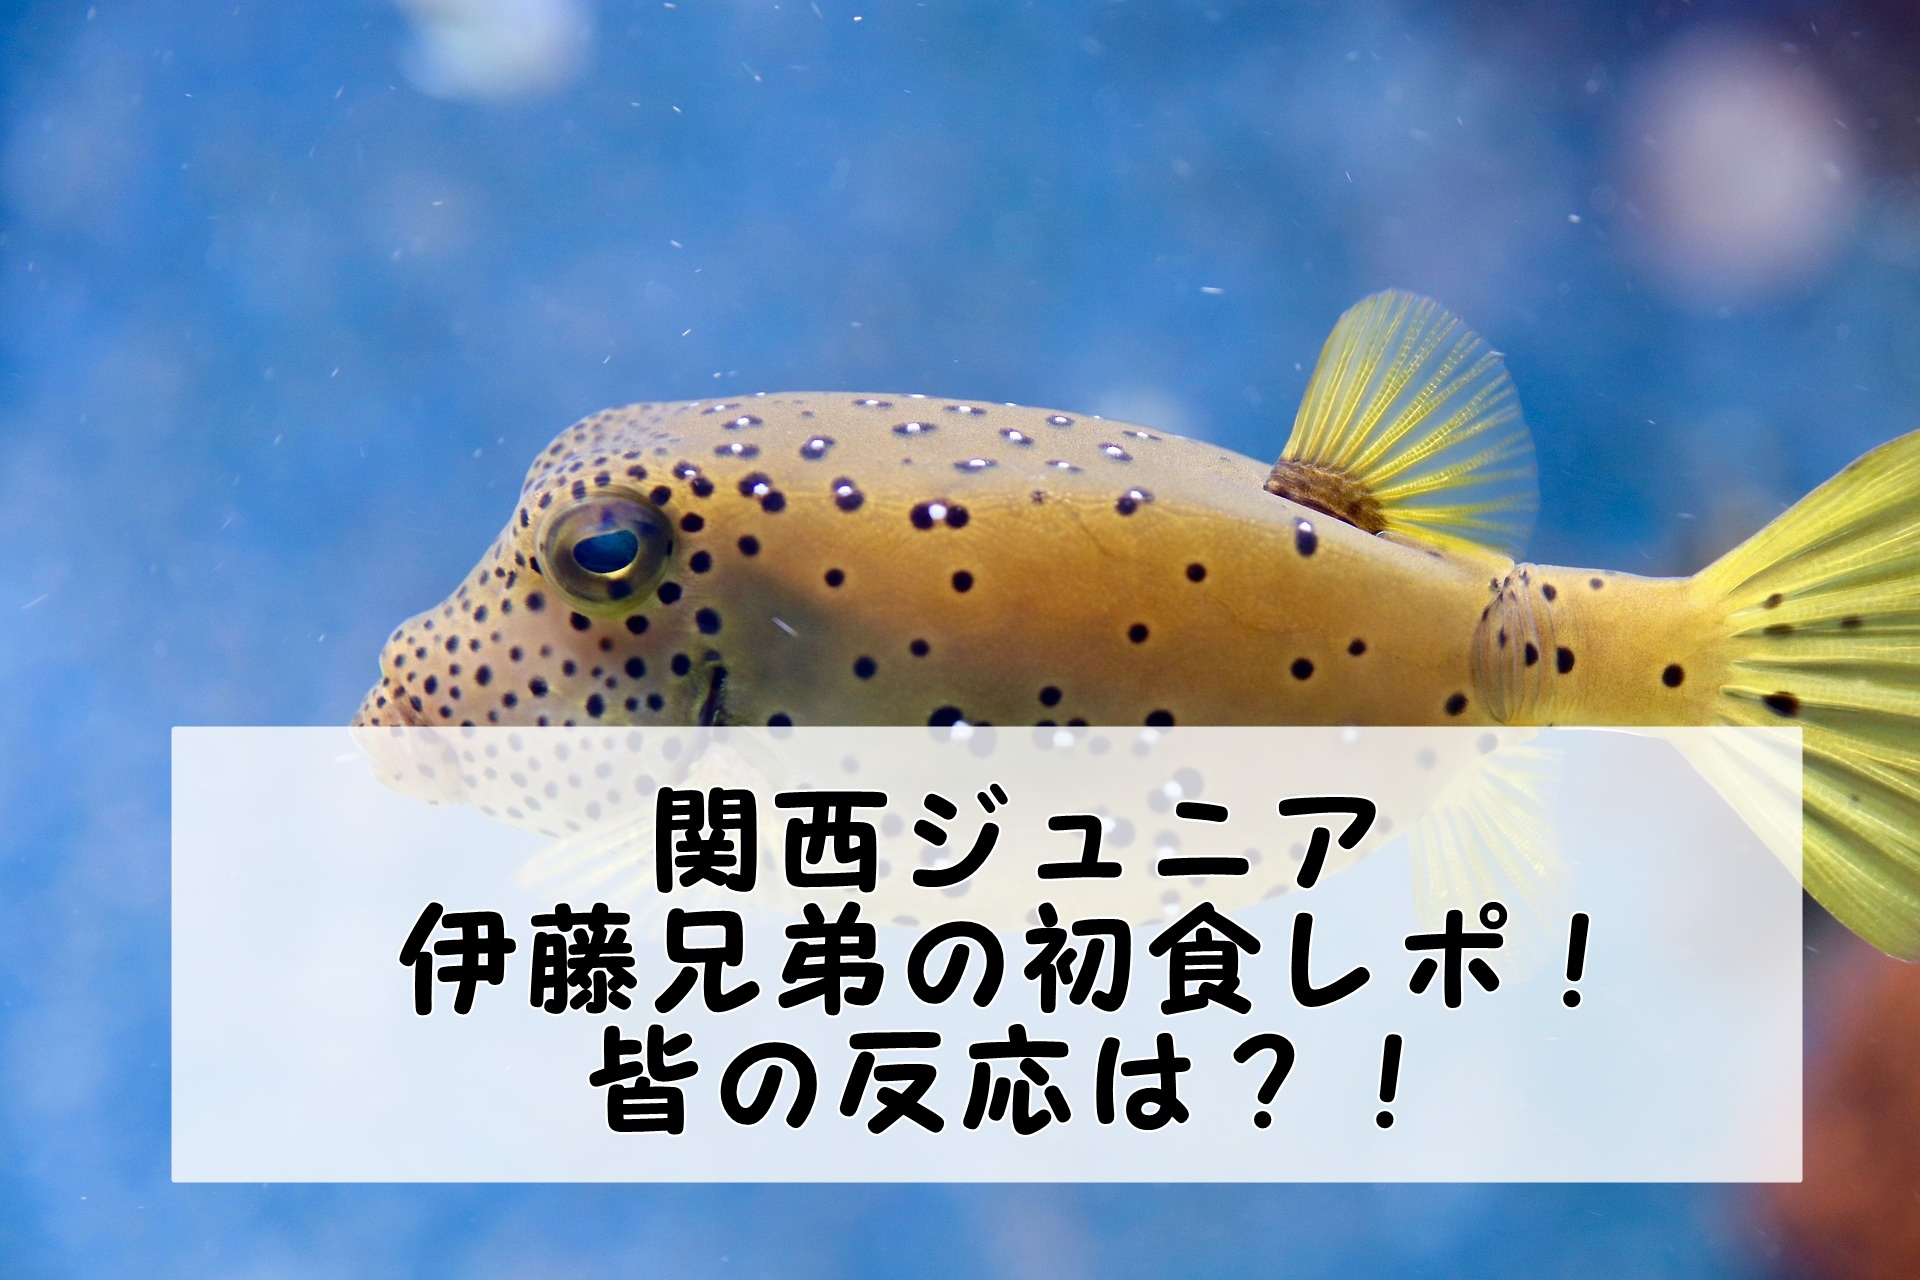 関西ジュニア|伊藤兄弟初レギュラーのロケ地は?食レポの皆の感想をまとめてみた